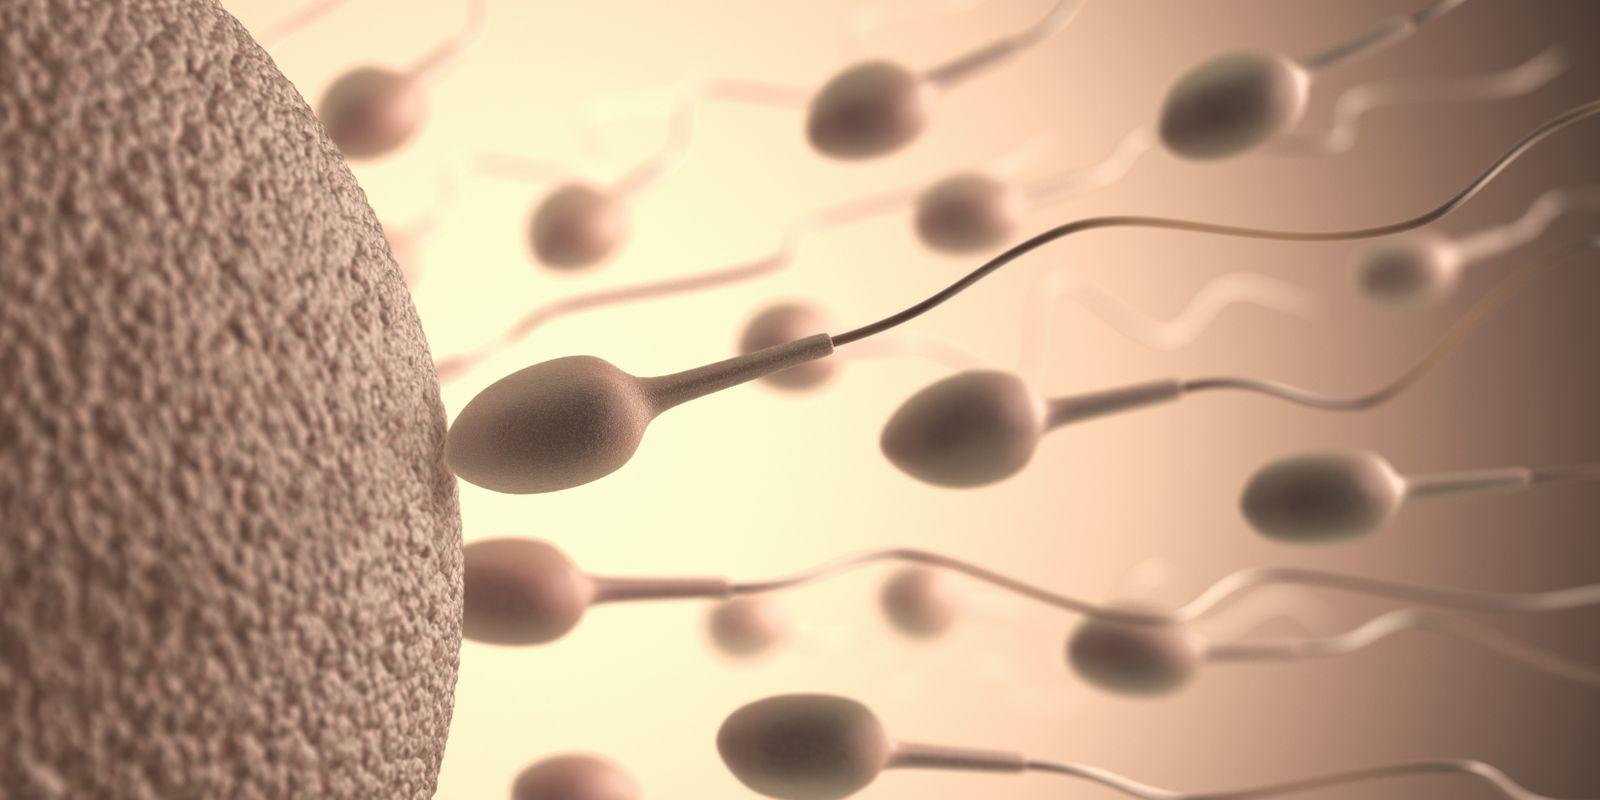 NICHT MEHR VERWENDEN! - Human sperm and egg